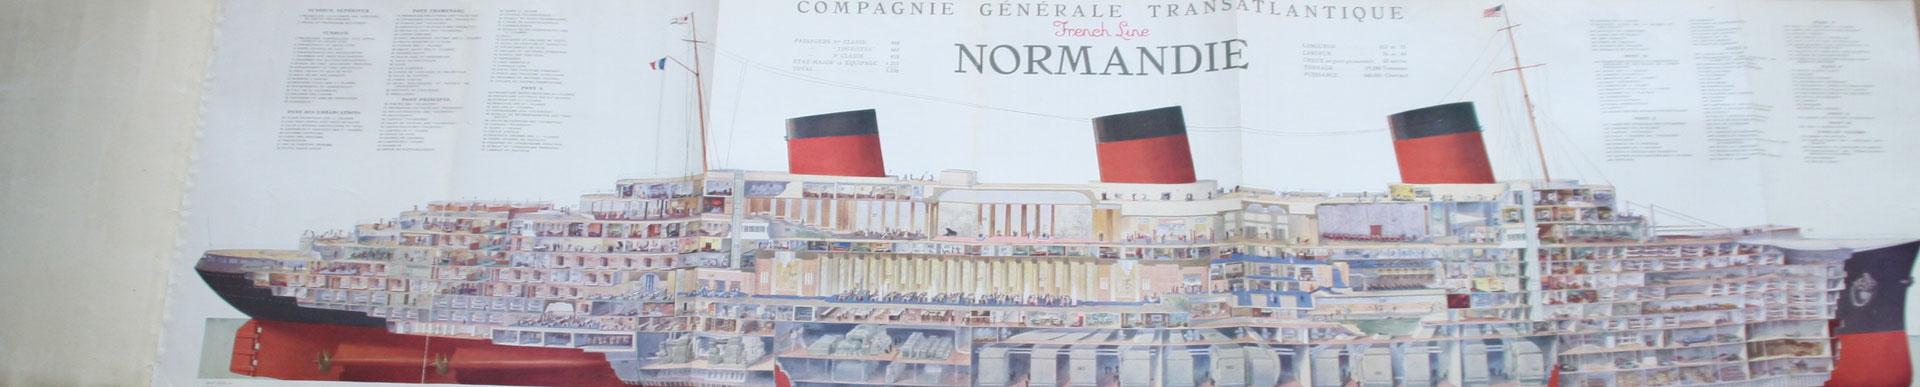 paquebot transatlantique Normandie